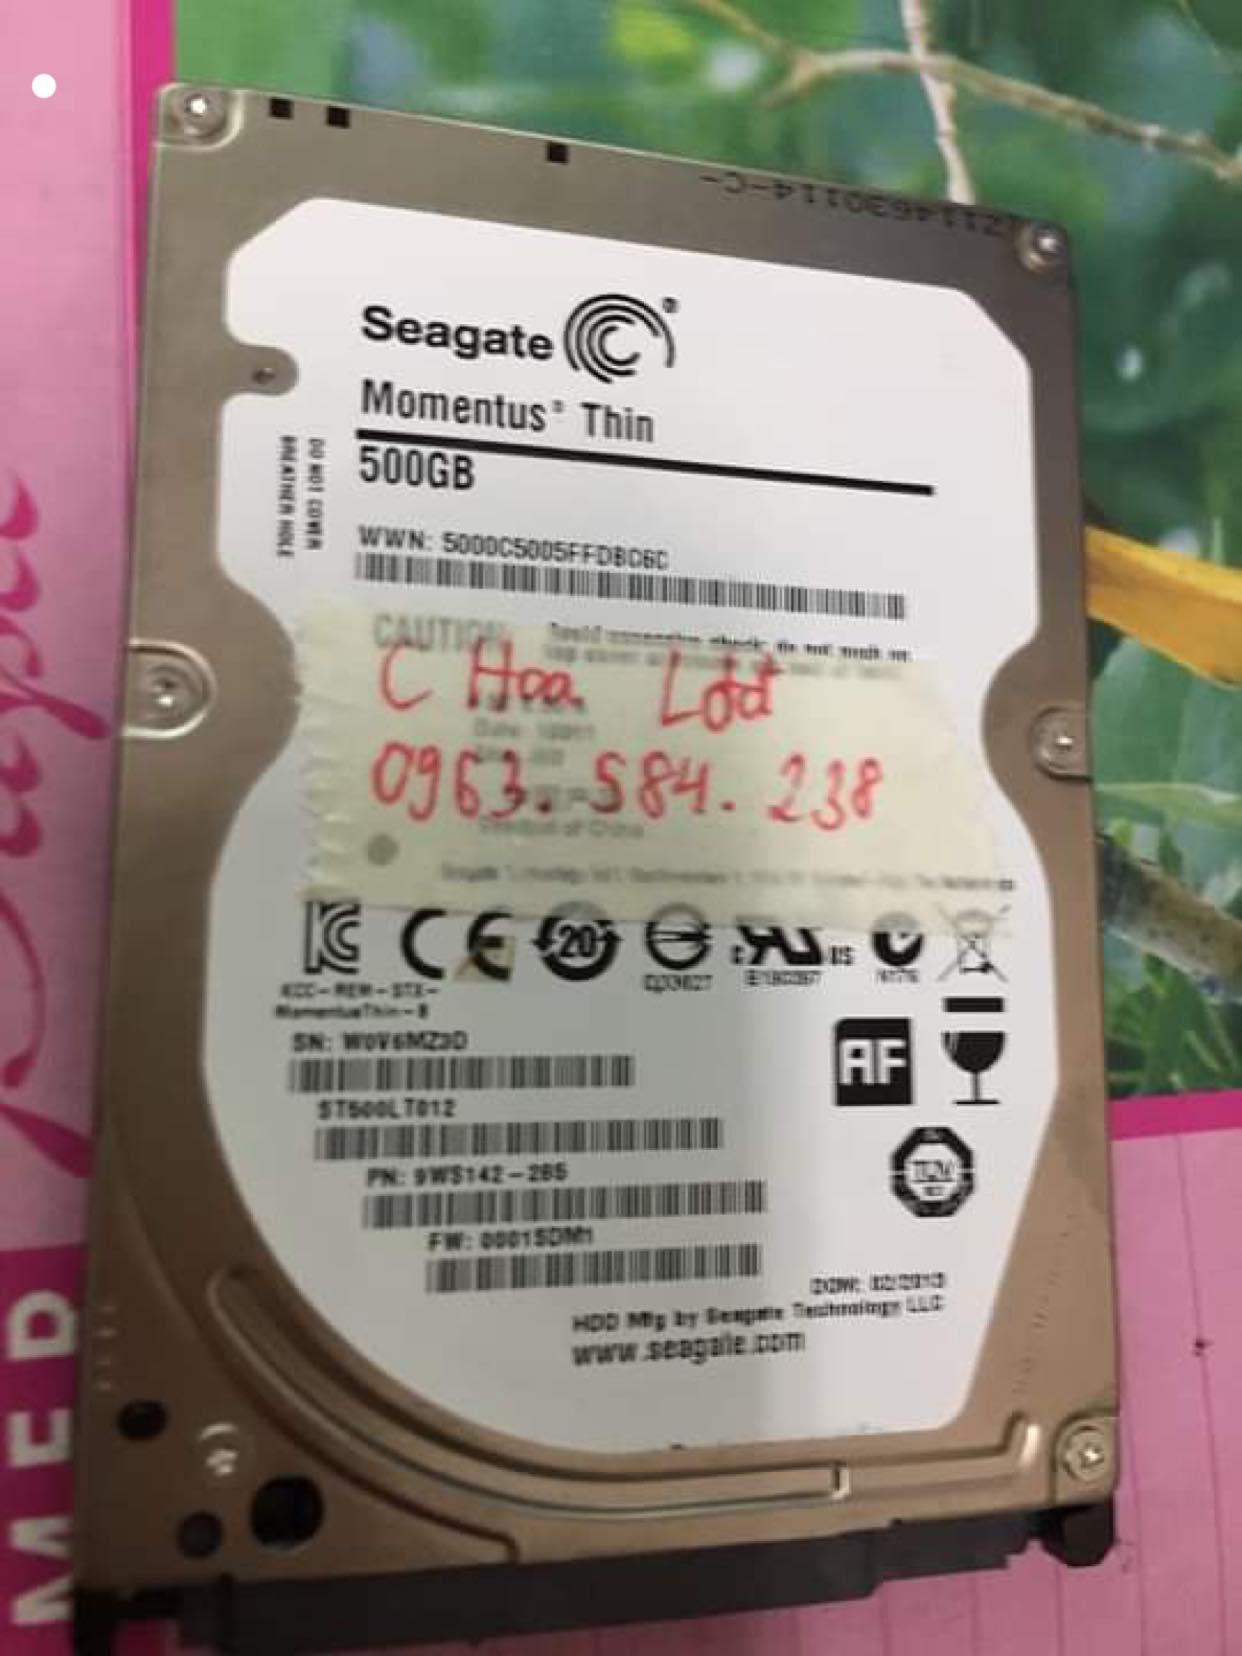 Lấy dữ liệu ổ cứng Seagate 500GB lỗi đầu đọc 17/04/2019 - cuumaytinh